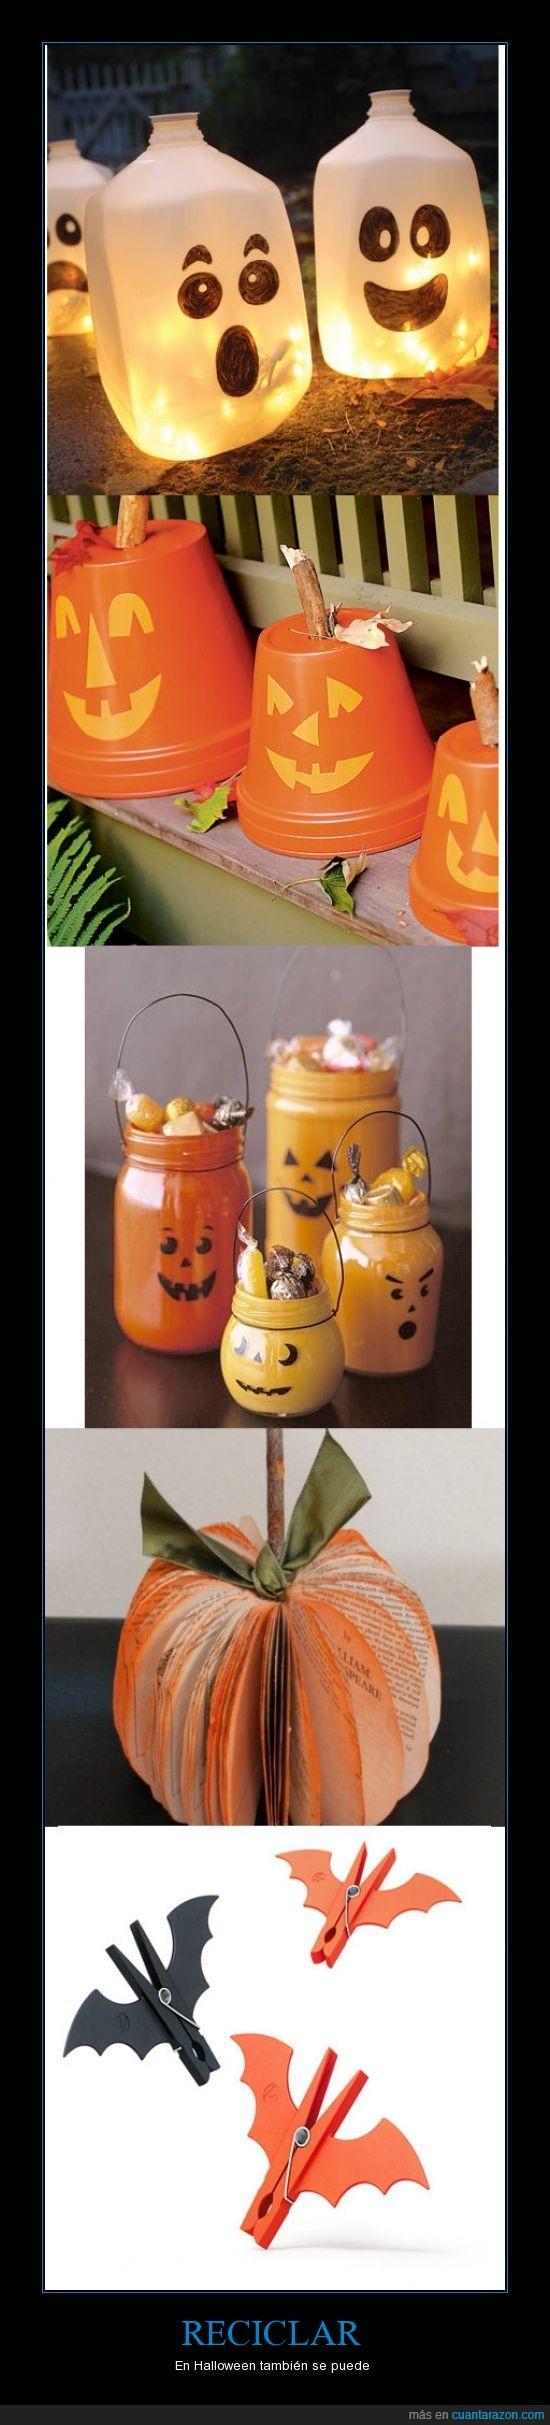 ambiente,botella,calabazas,fantasma,halloween,pinza,reciclar